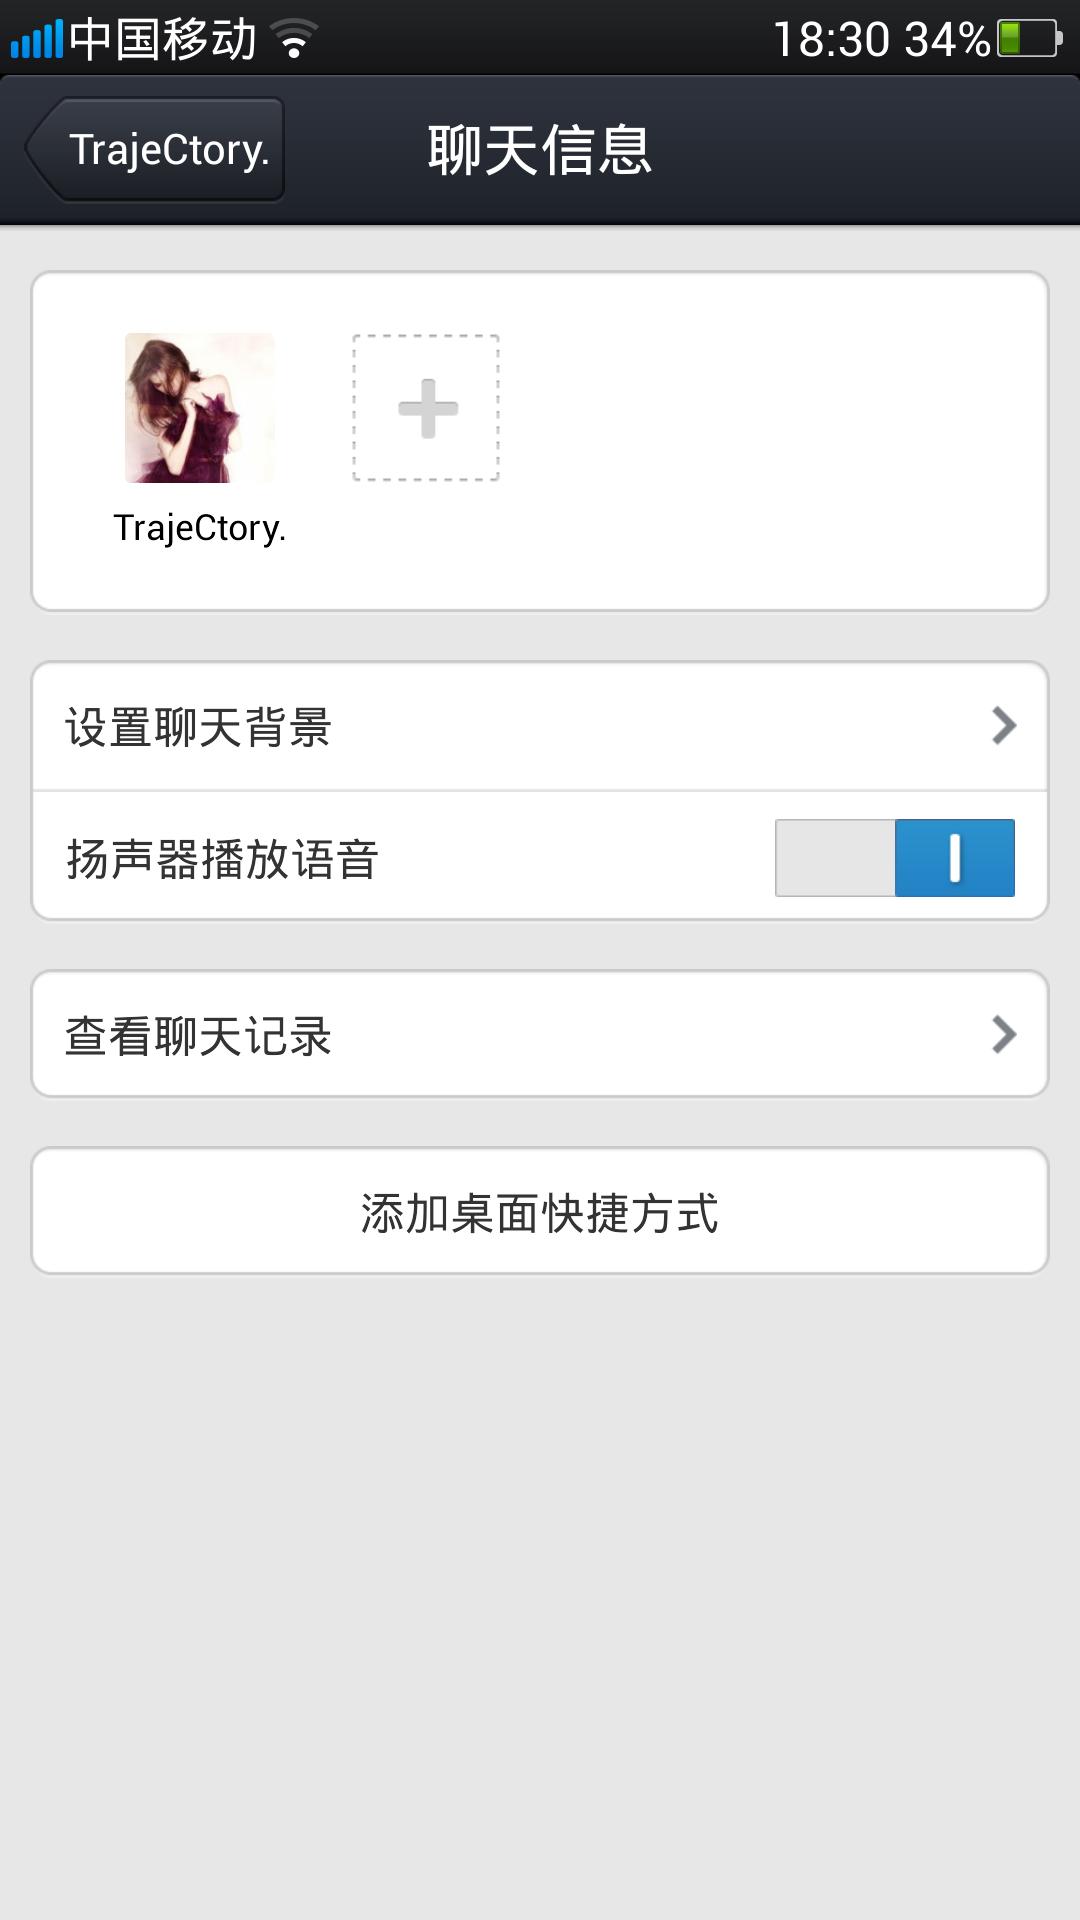 我的qq2013沒法移動好友至新分組,也沒法看好友名片,手機是oppo find5圖片